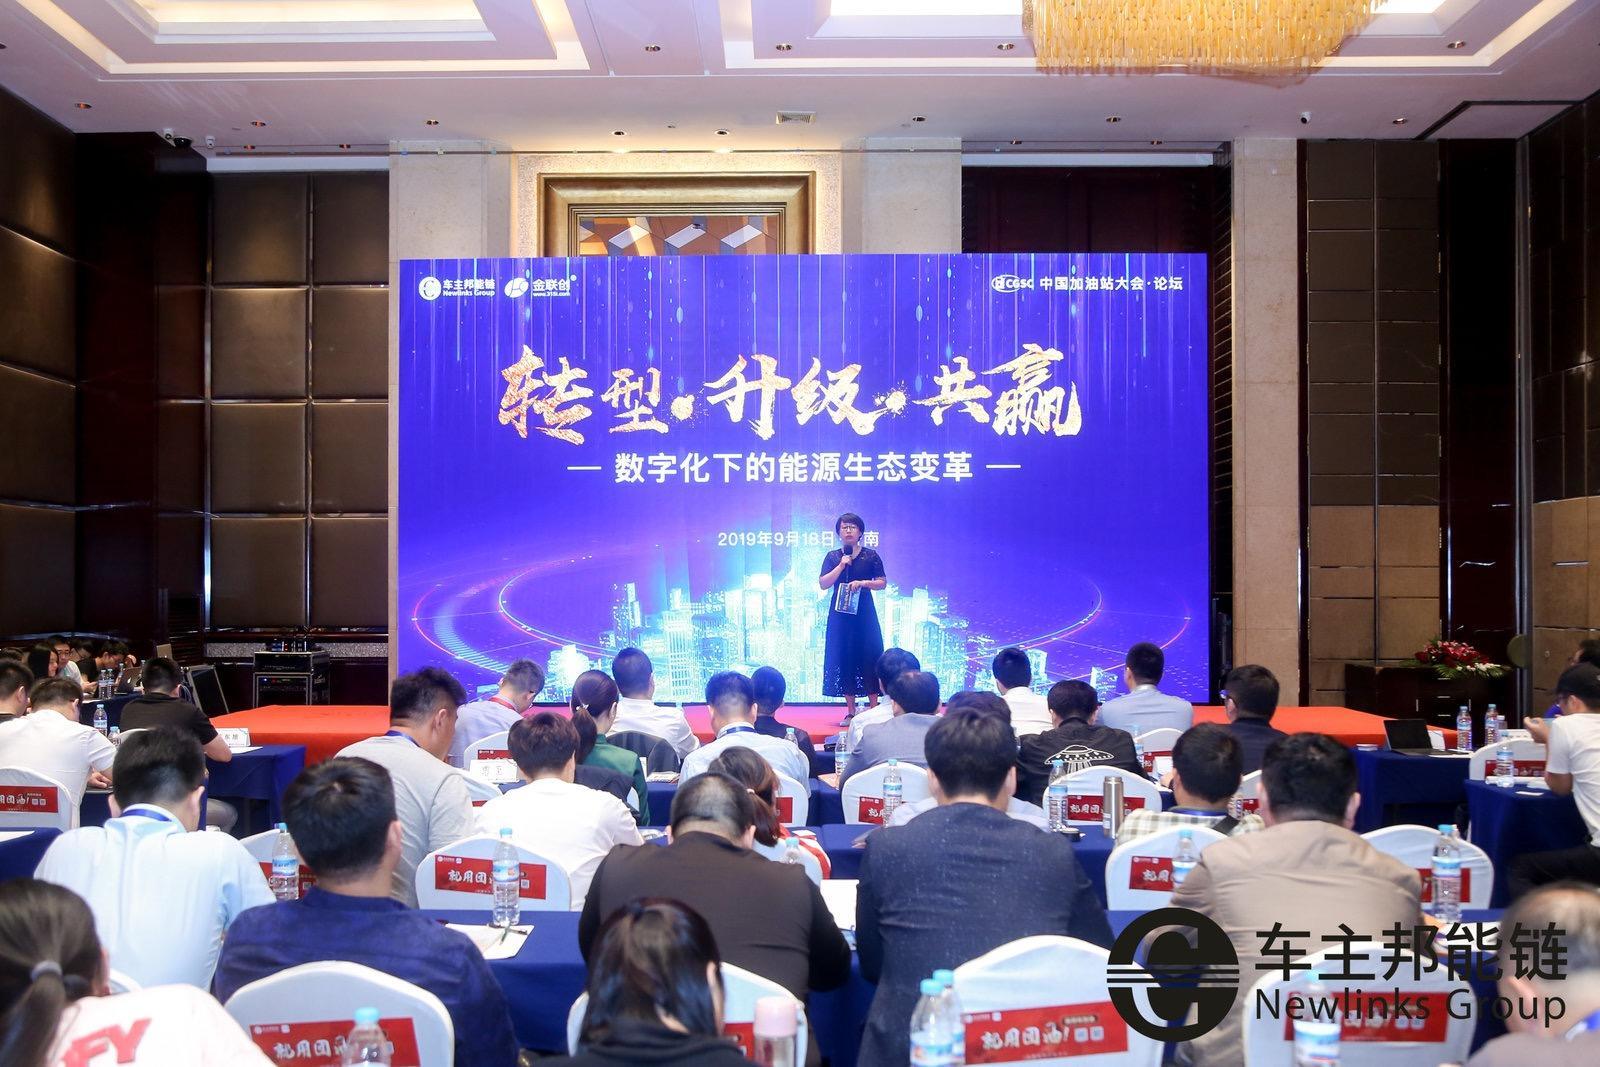 燃爆2019中国加油站大会 车主邦数字化能源生态全面加速